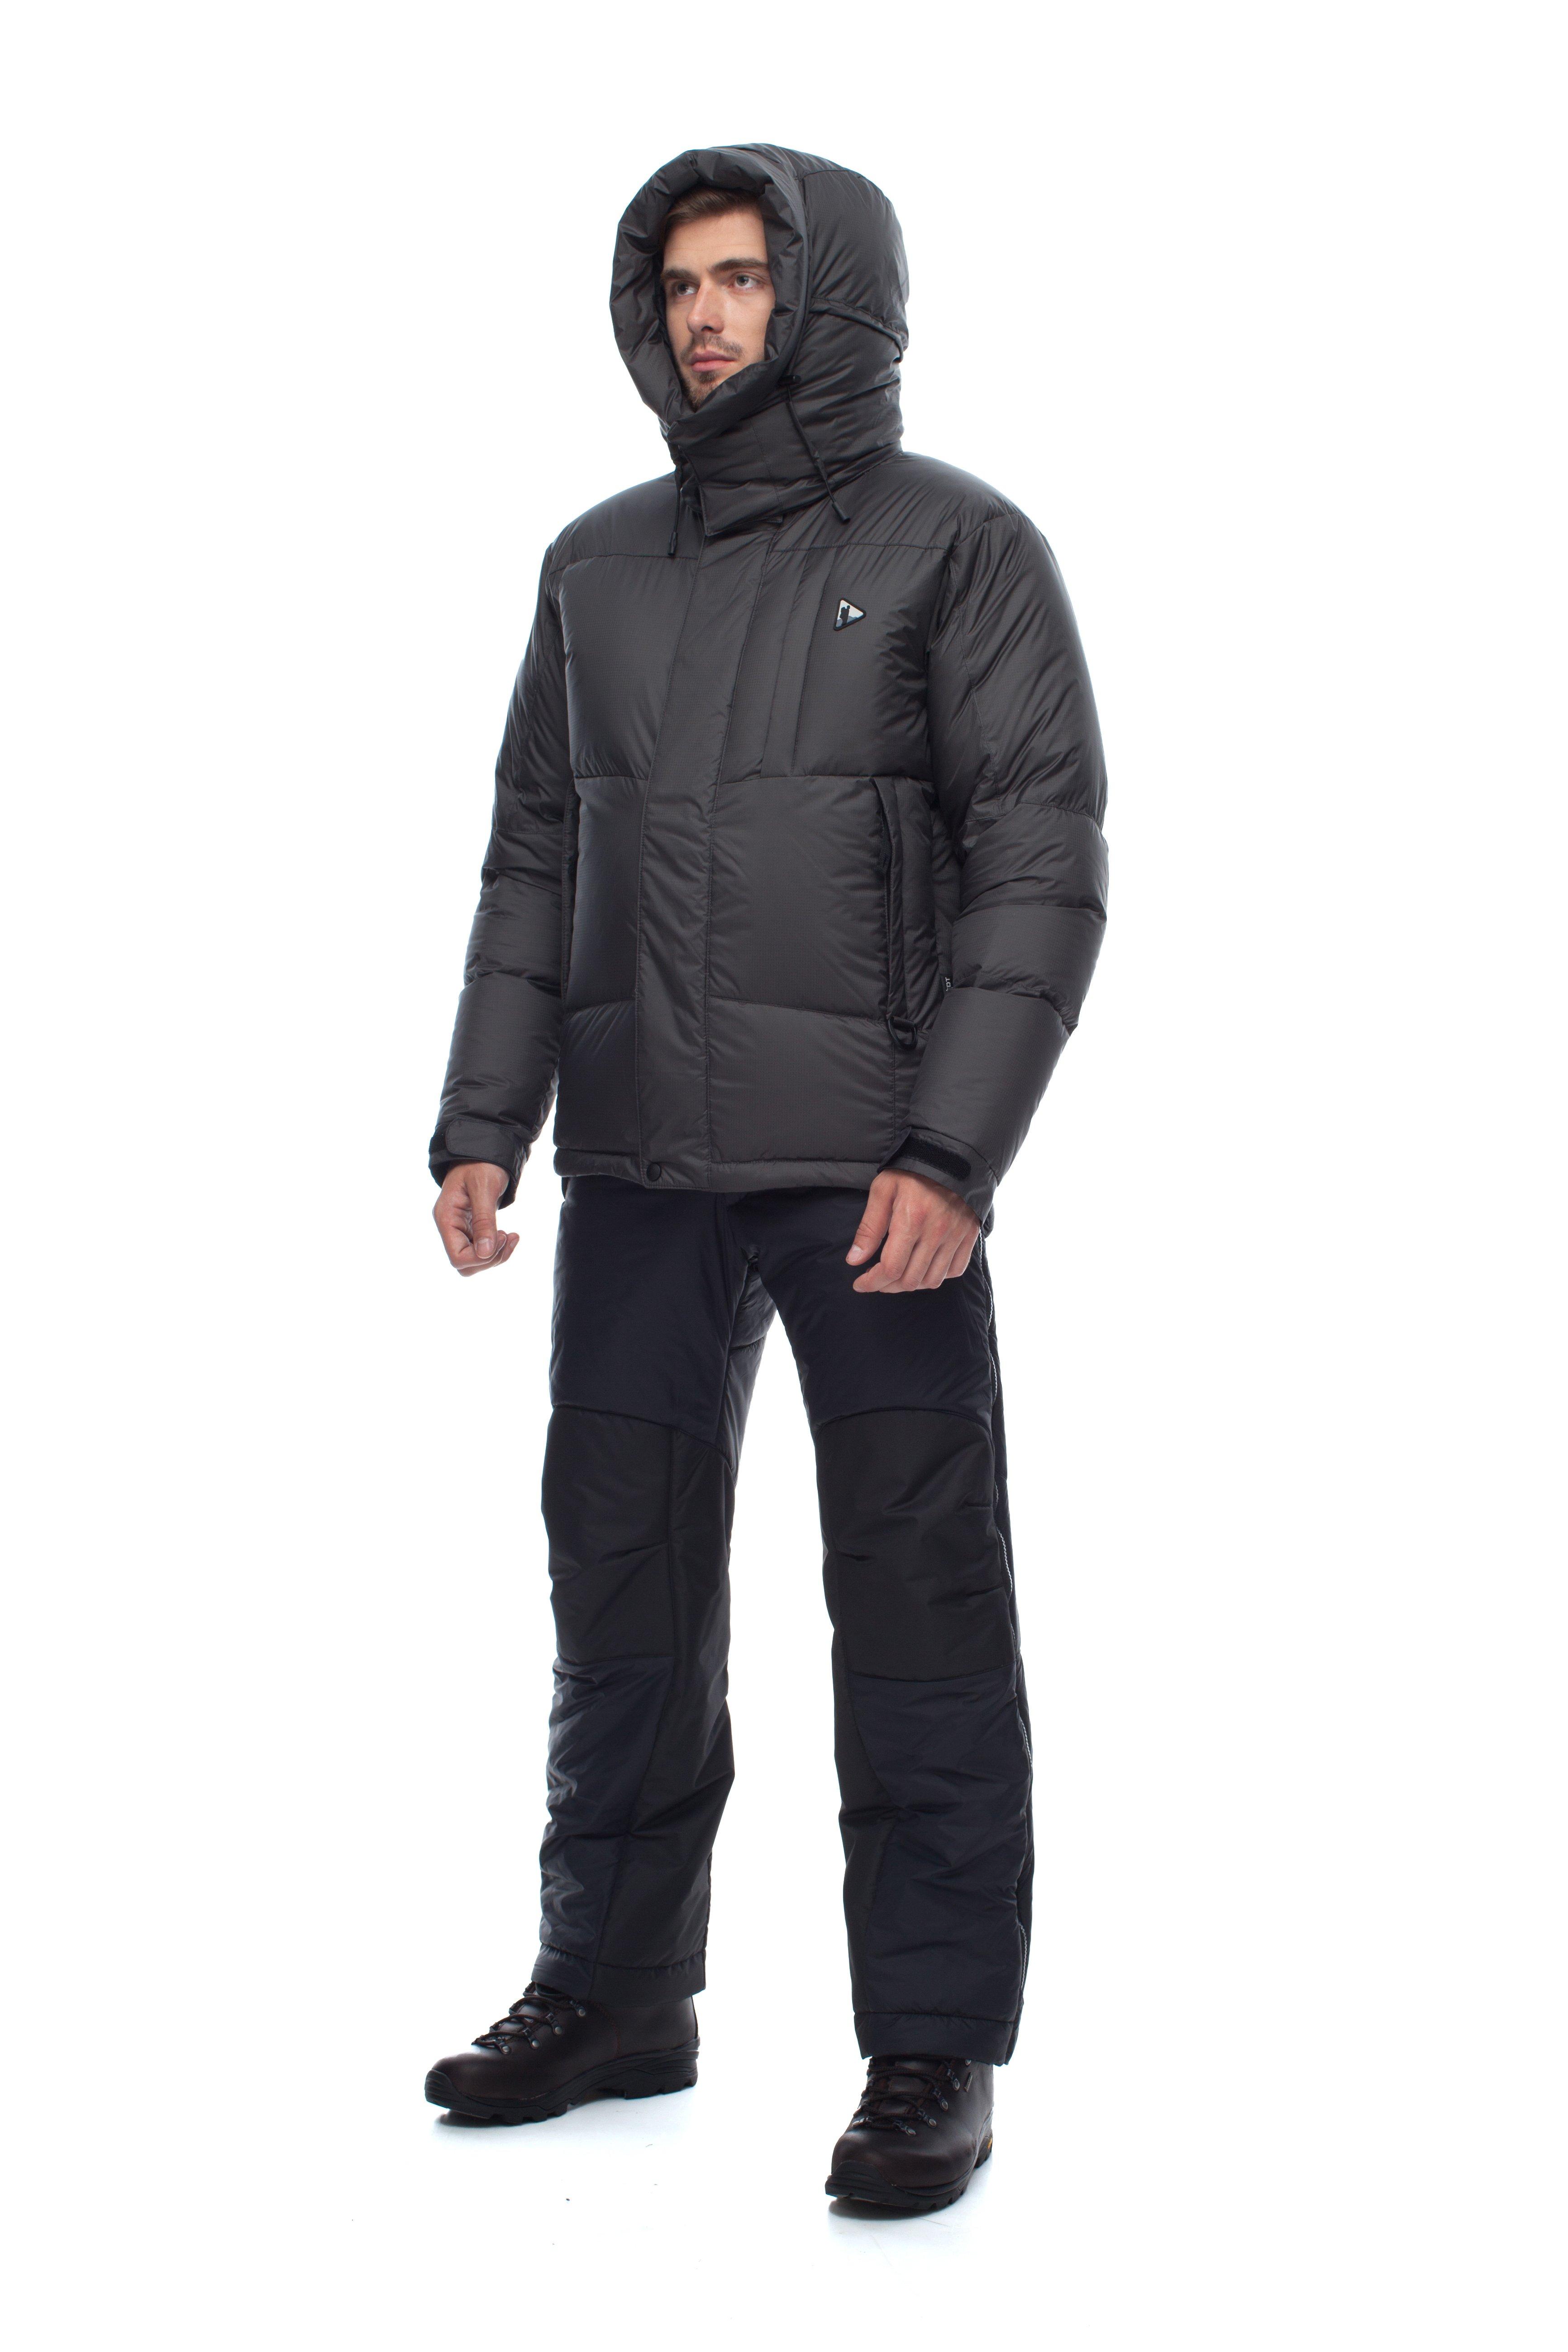 Пуховая куртка BASK HEAVEN V2 3945AКуртки<br><br><br>&quot;Дышащие&quot; свойства: Да<br>Верхняя ткань: Resist-DT(R) EXTREME<br>Вес граммы: 955<br>Вес утеплителя: 282<br>Ветро-влагозащитные свойства верхней ткани: Да<br>Ветрозащитная планка: Да<br>Ветрозащитная юбка: Нет<br>Влагозащитные молнии: Нет<br>Внутренние манжеты: Нет<br>Внутренняя ткань: Advance® Classic<br>Водонепроницаемость: 3000<br>Дублирующий центральную молнию клапан: Да<br>Защитный козырёк капюшона: Нет<br>Капюшон: Съемный<br>Количество внешних карманов: 3<br>Количество внутренних карманов: 3<br>Мембрана: Resist-DT(R) EXTREME<br>Объемный крой локтевой зоны: Нет<br>Отстёгивающиеся рукава: Нет<br>Паропроницаемость: 3000<br>Показатель Fill Power (для пуховых изделий): 670<br>Пол: Мужской<br>Проклейка швов: Нет<br>Регулировка манжетов рукавов: Да<br>Регулировка низа: Да<br>Регулировка объёма капюшона: Да<br>Регулировка талии: Нет<br>Регулируемые вентиляционные отверстия: Нет<br>Световозвращающая лента: Нет<br>Температурный режим: -15<br>Технология Thermal Welding: Нет<br>Технология швов: Простые<br>Тип молнии: Двухзамковая<br>Тип утеплителя: Натуральный<br>Ткань усиления: Нет<br>Усиление контактных зон: Да<br>Утеплитель: Гусиный пух<br>Размер RU: 48<br>Цвет: СИНИЙ